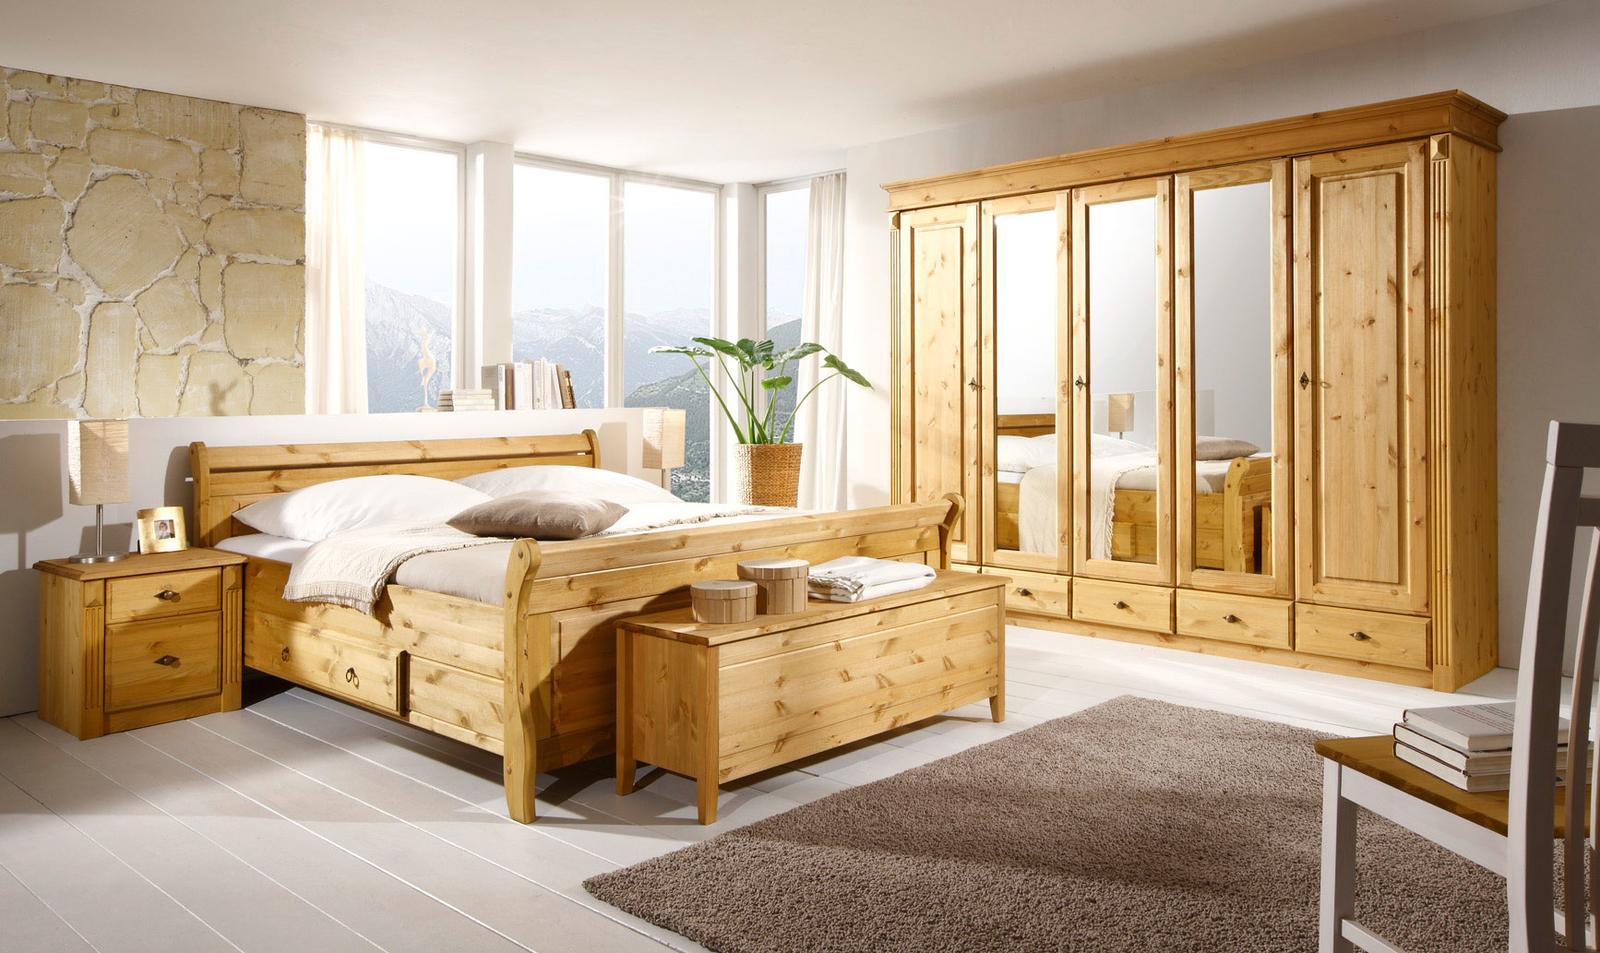 Schlafzimmer Dora Kiefer massiv gelaugt geölt von Jumek günstig ...